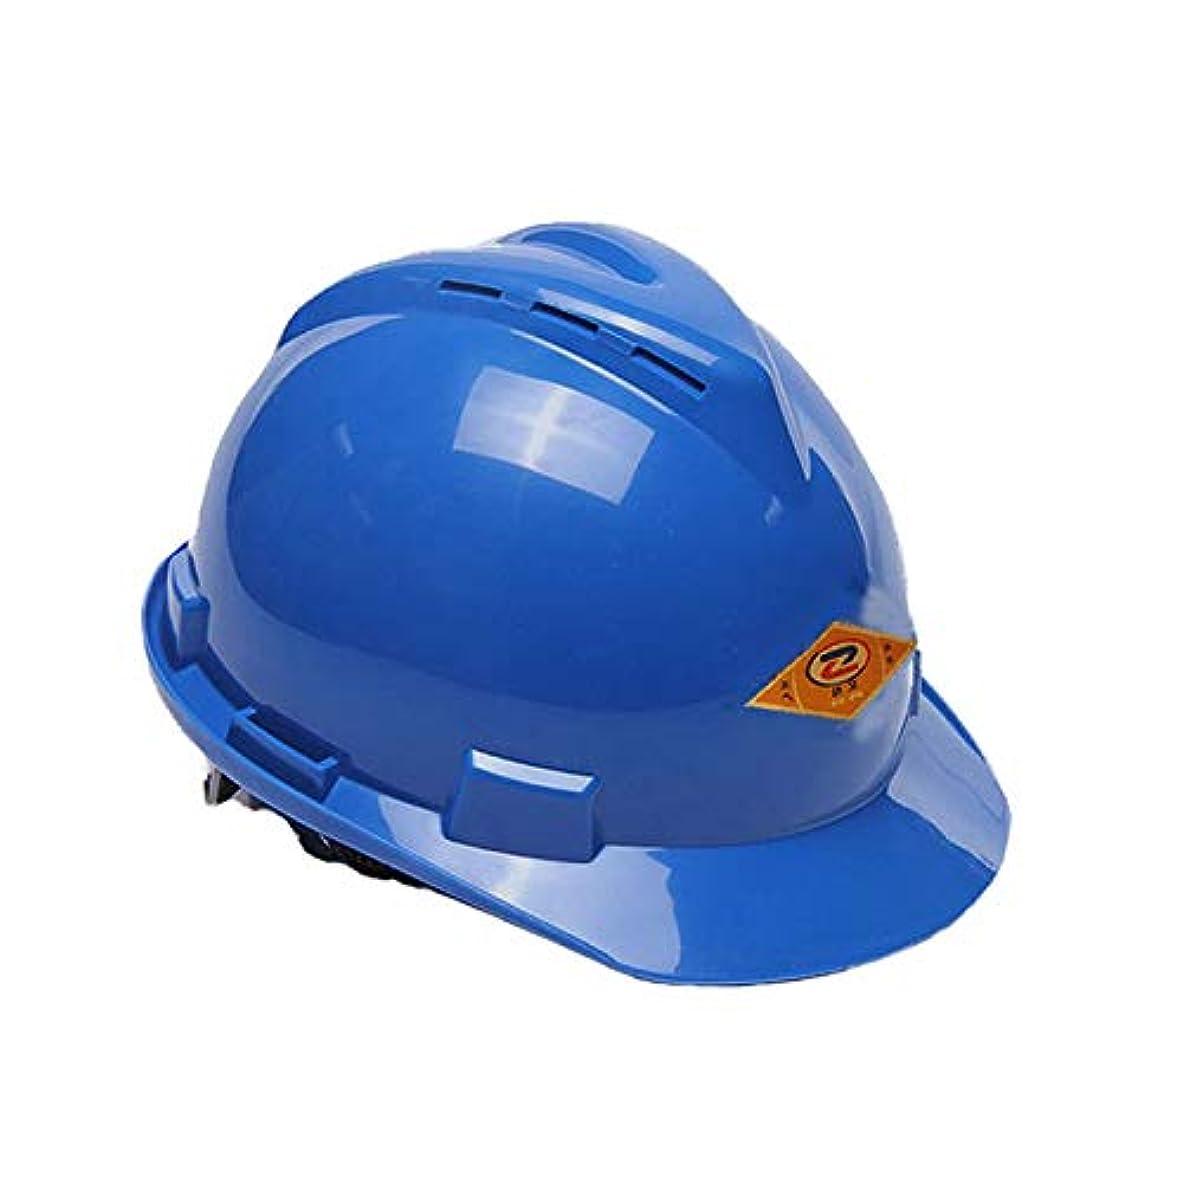 法律により含意翻訳するSSXY ヘッドプロテクションハットヘッドセーフティプロテクターバンププロテクターキャップ石炭/自転車/エクストリームスポーツ/モトクロス - ブルー